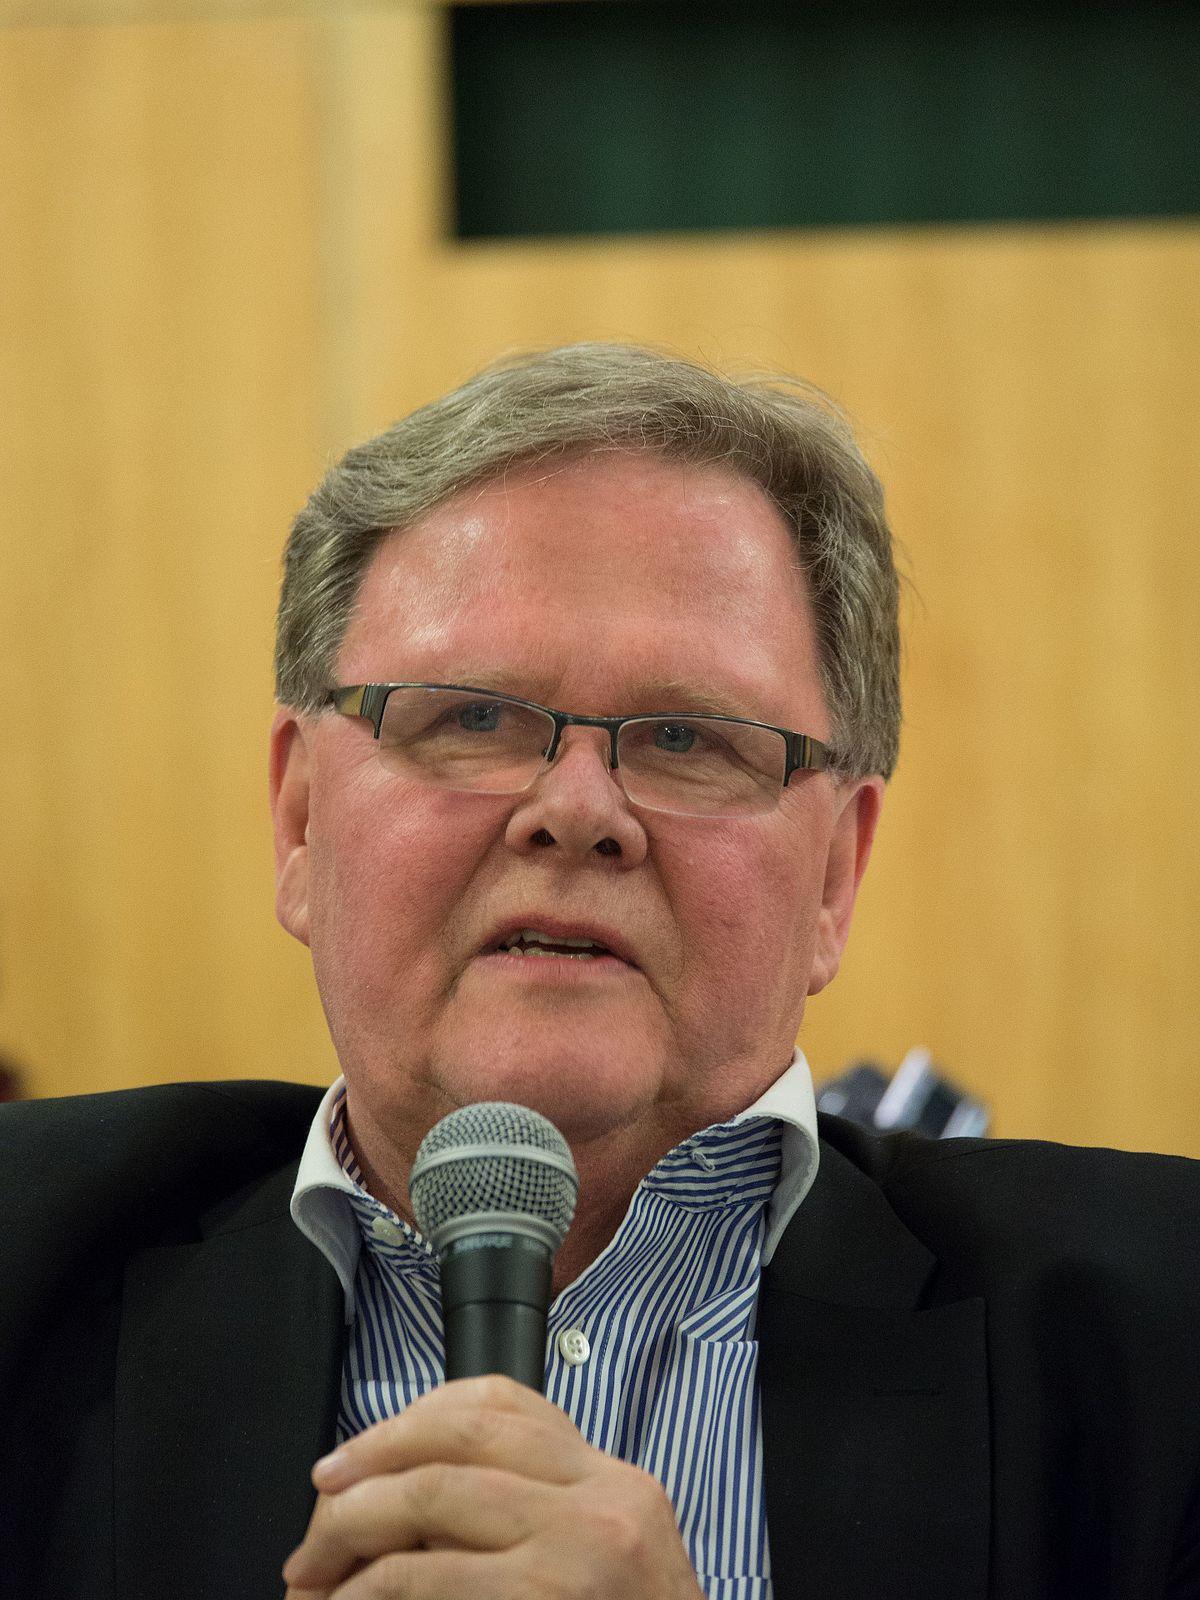 Heikki Salmela